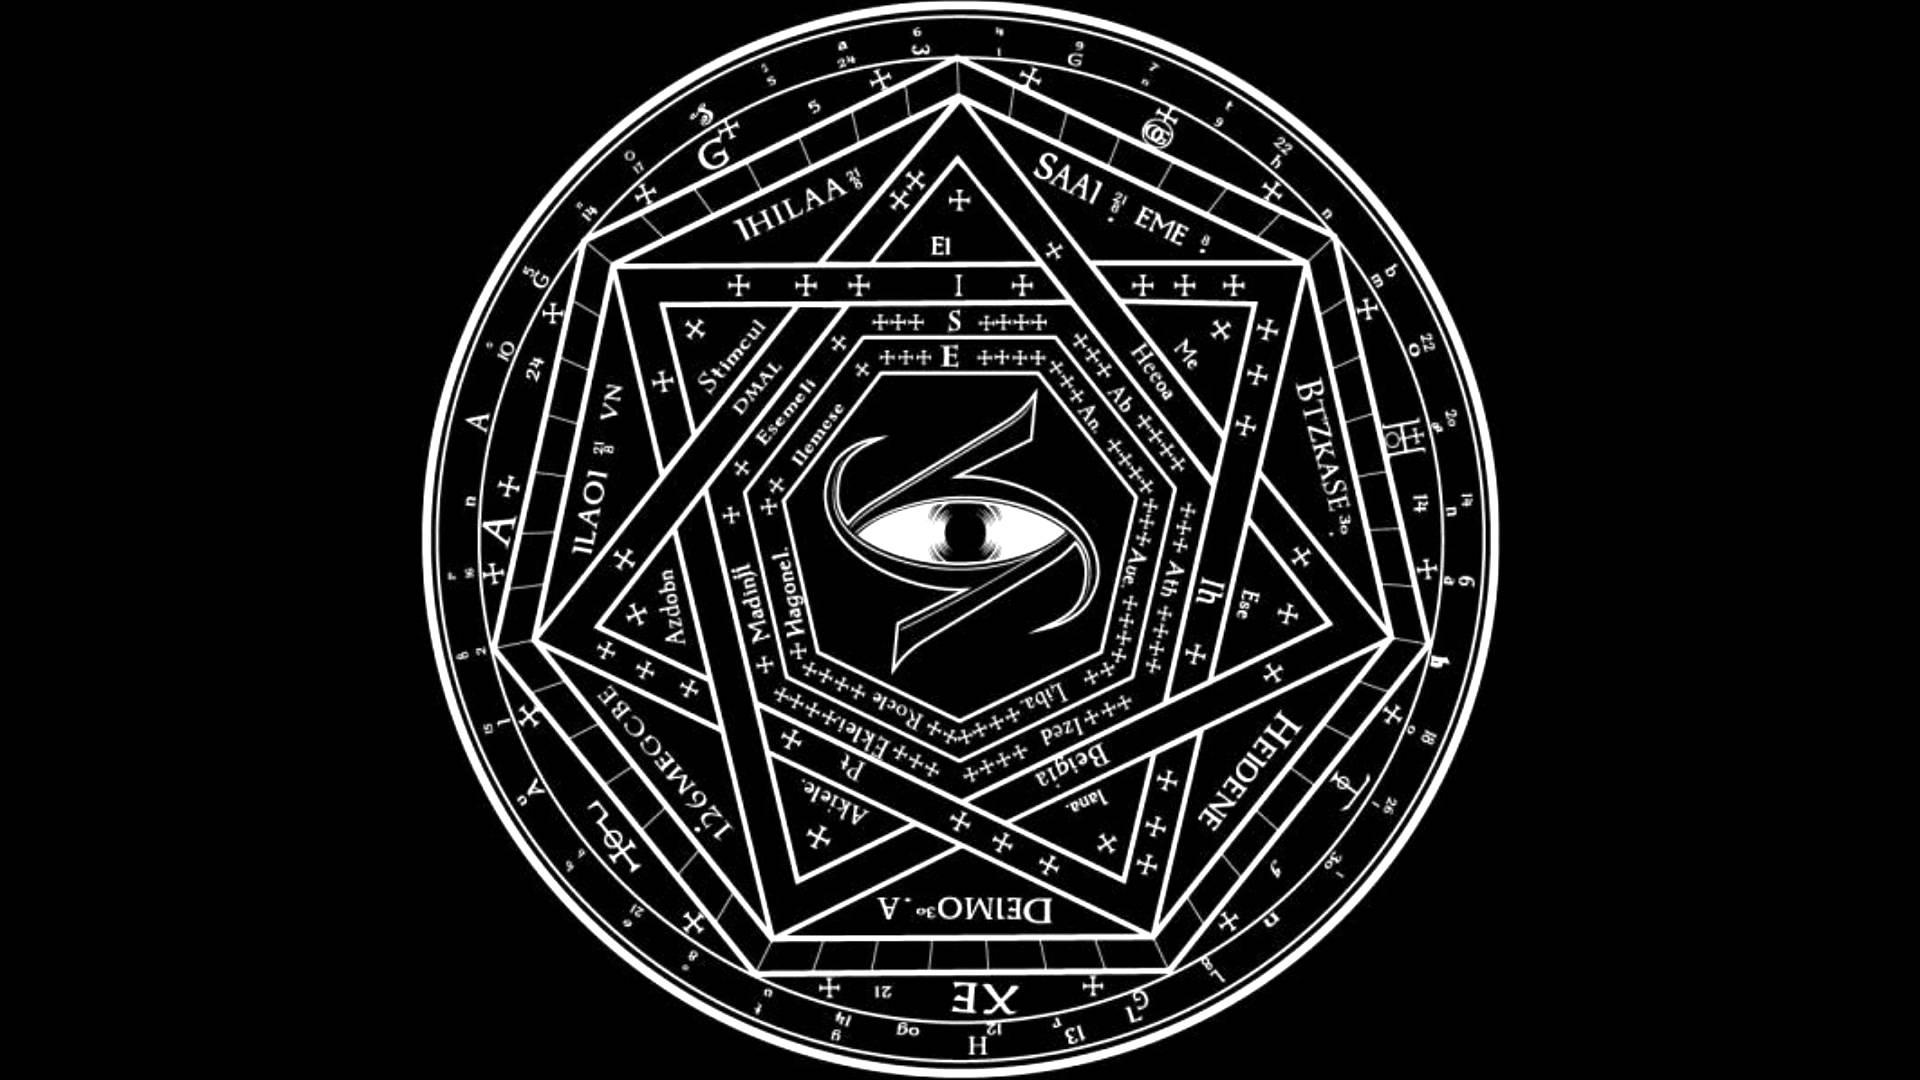 Hermetic Order of The Golden Dawn – secret society